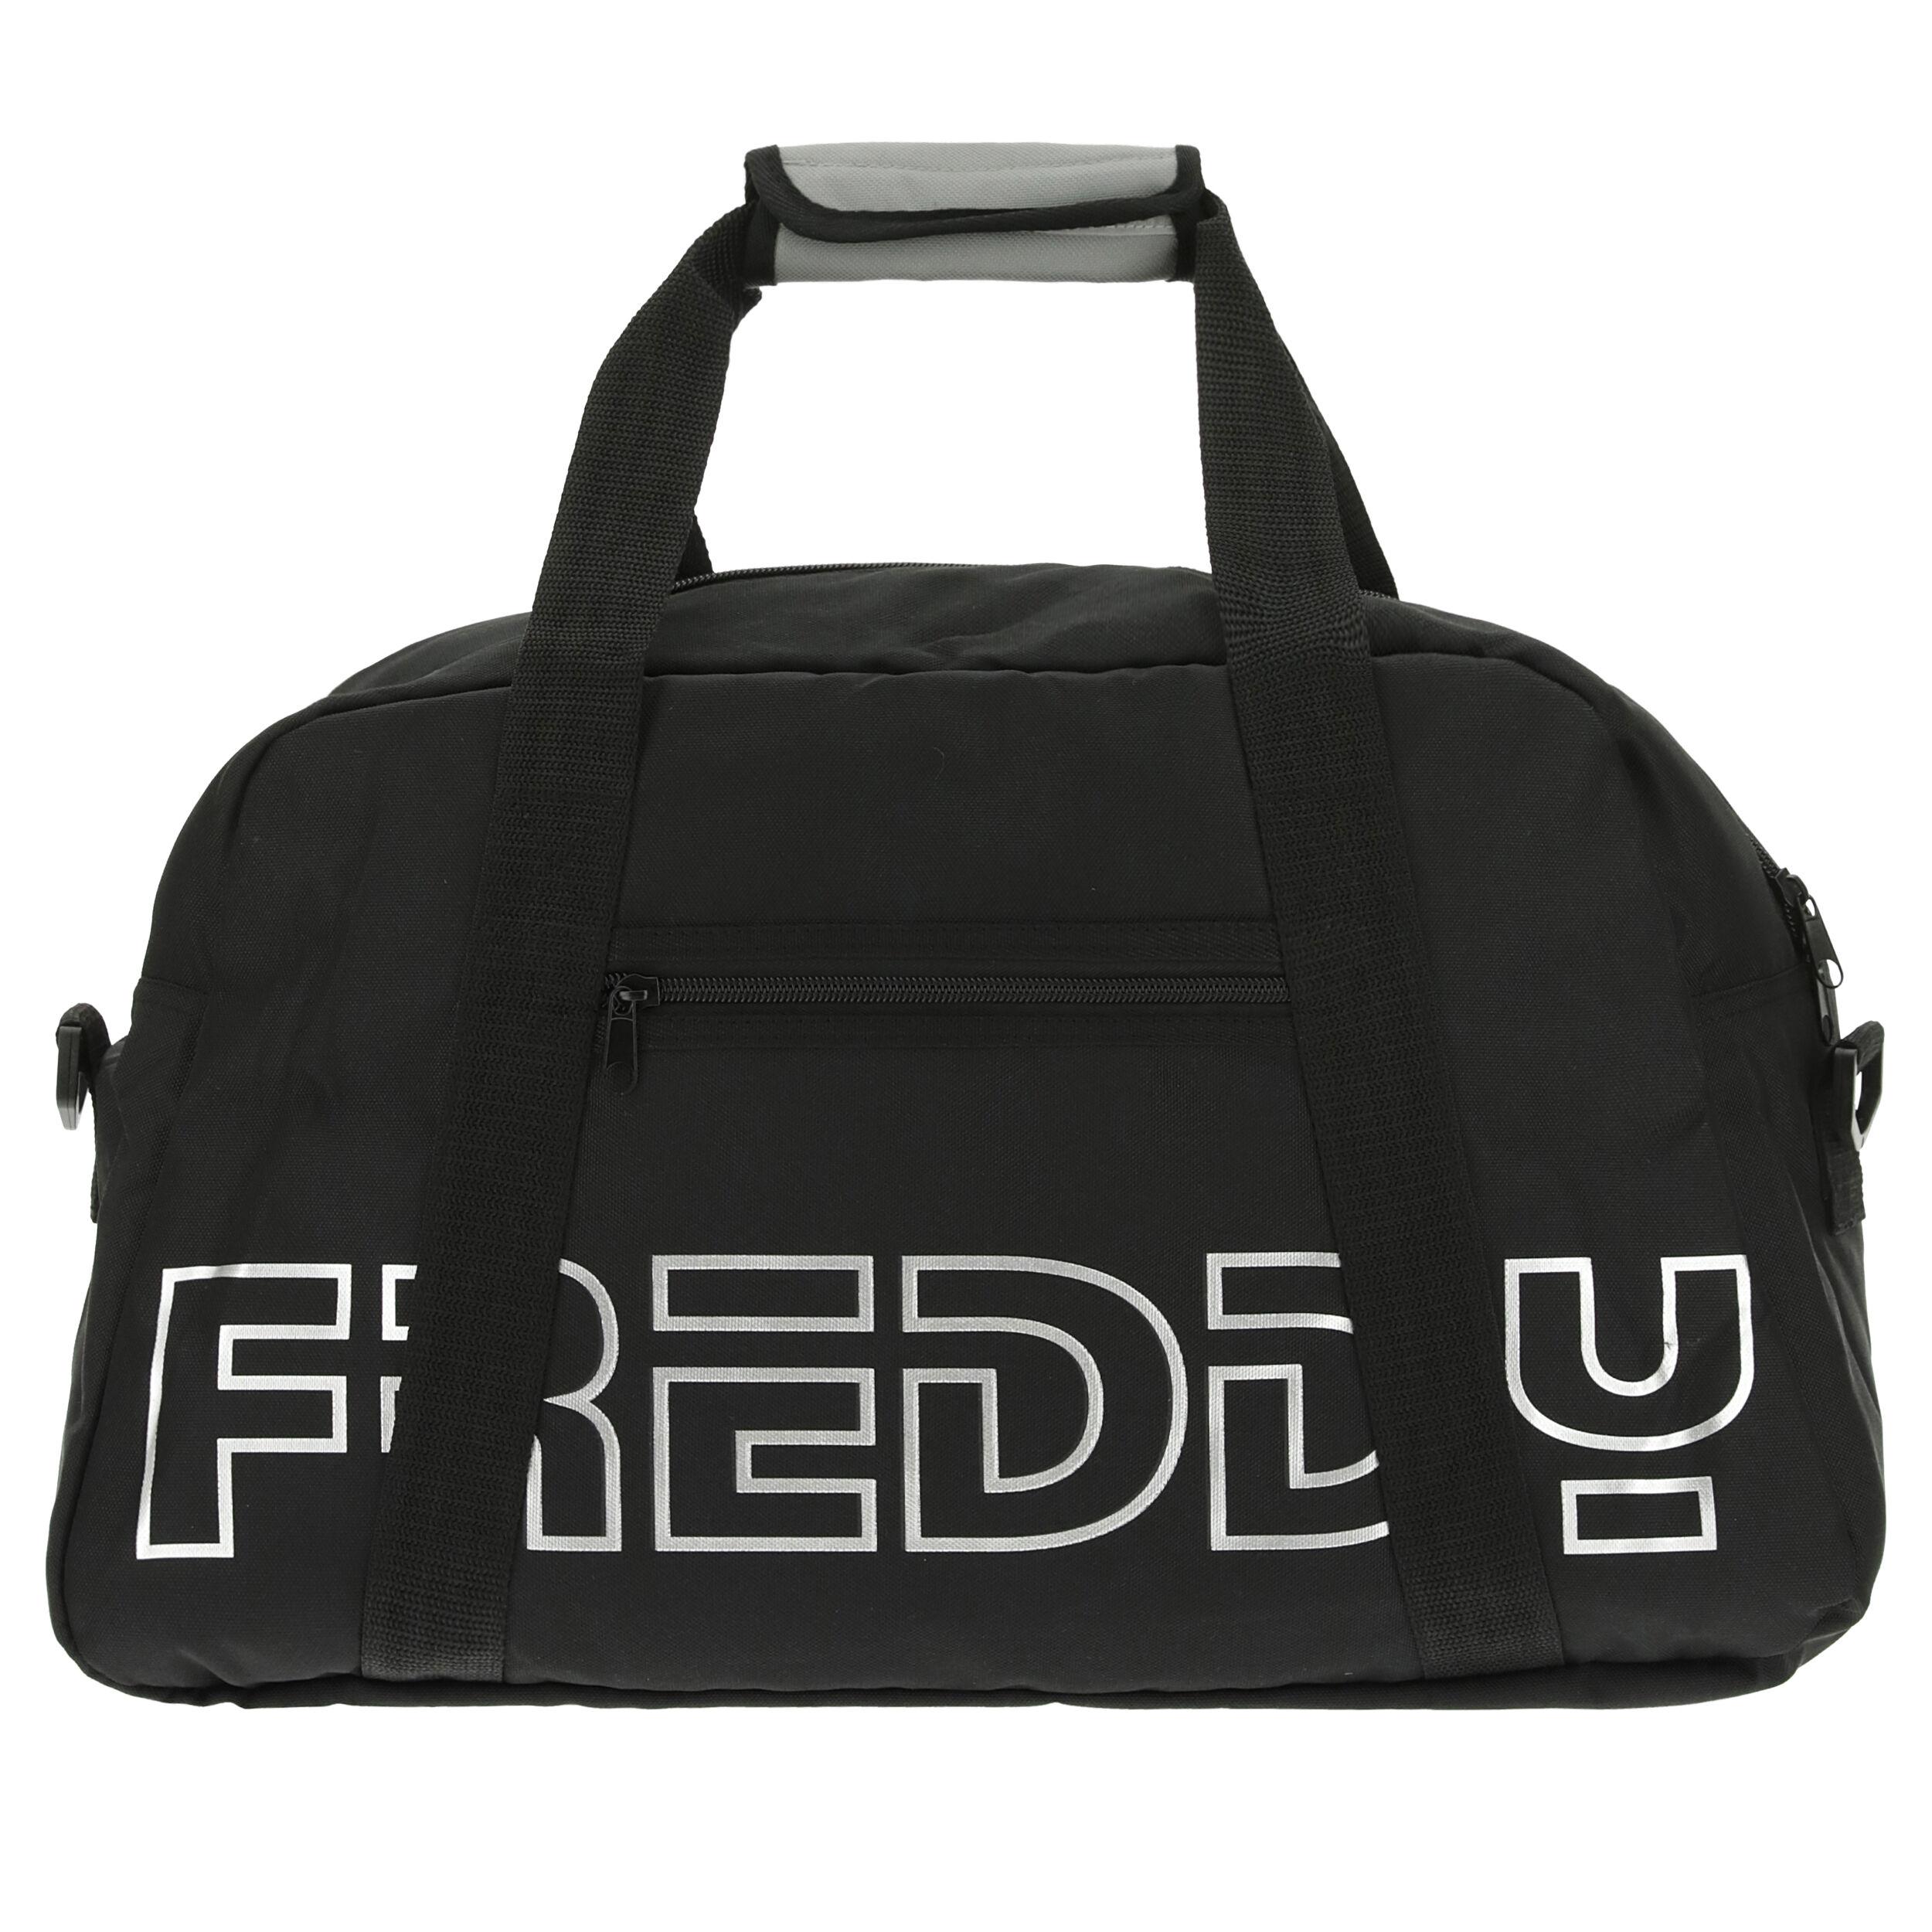 Freddy Borsa da palestra in nylon con stampa  reflex Nero-Silver